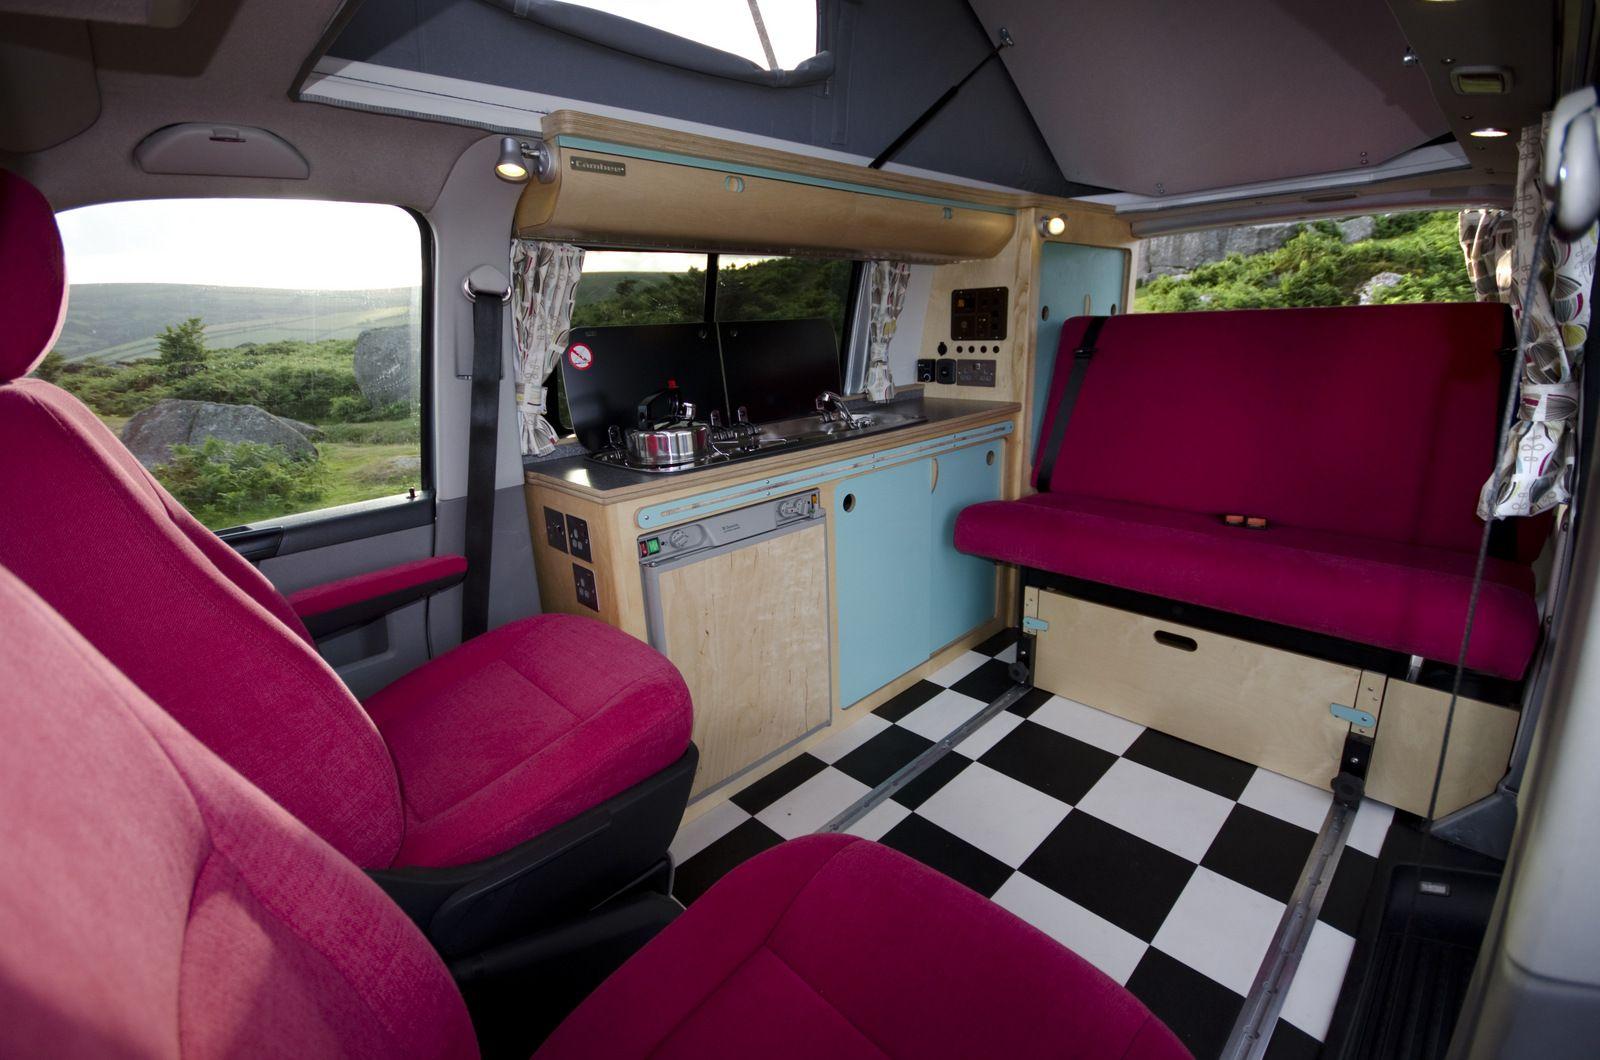 vw t5 campervan conversion interior vw. Black Bedroom Furniture Sets. Home Design Ideas